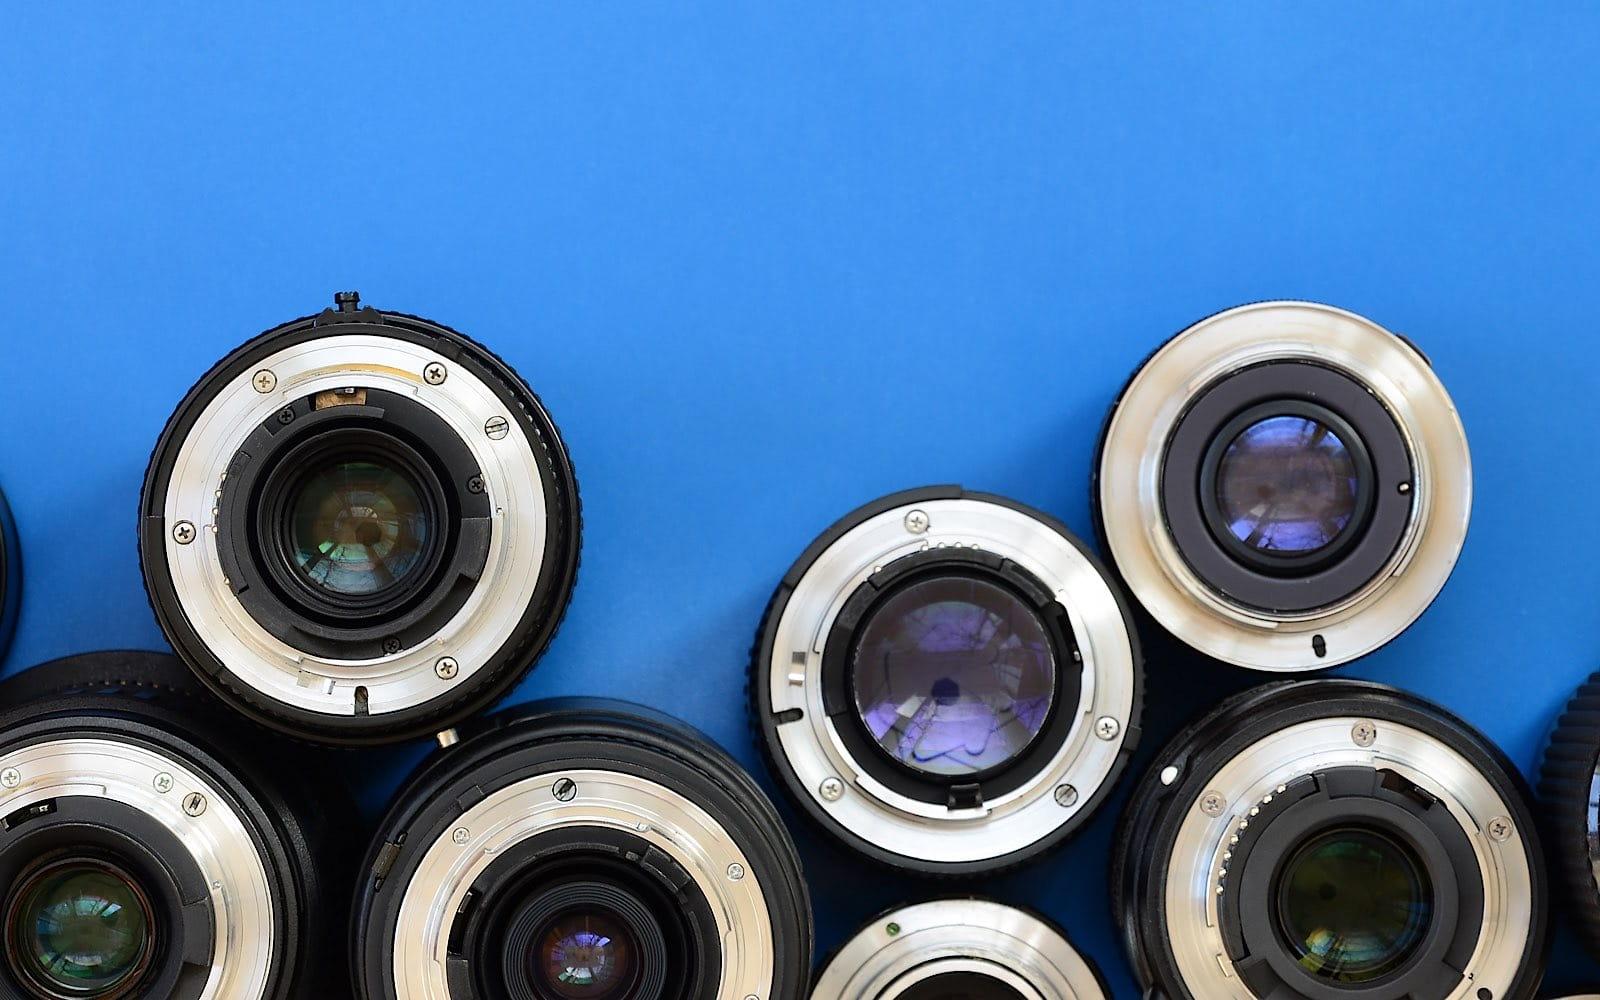 Several lenses on blue